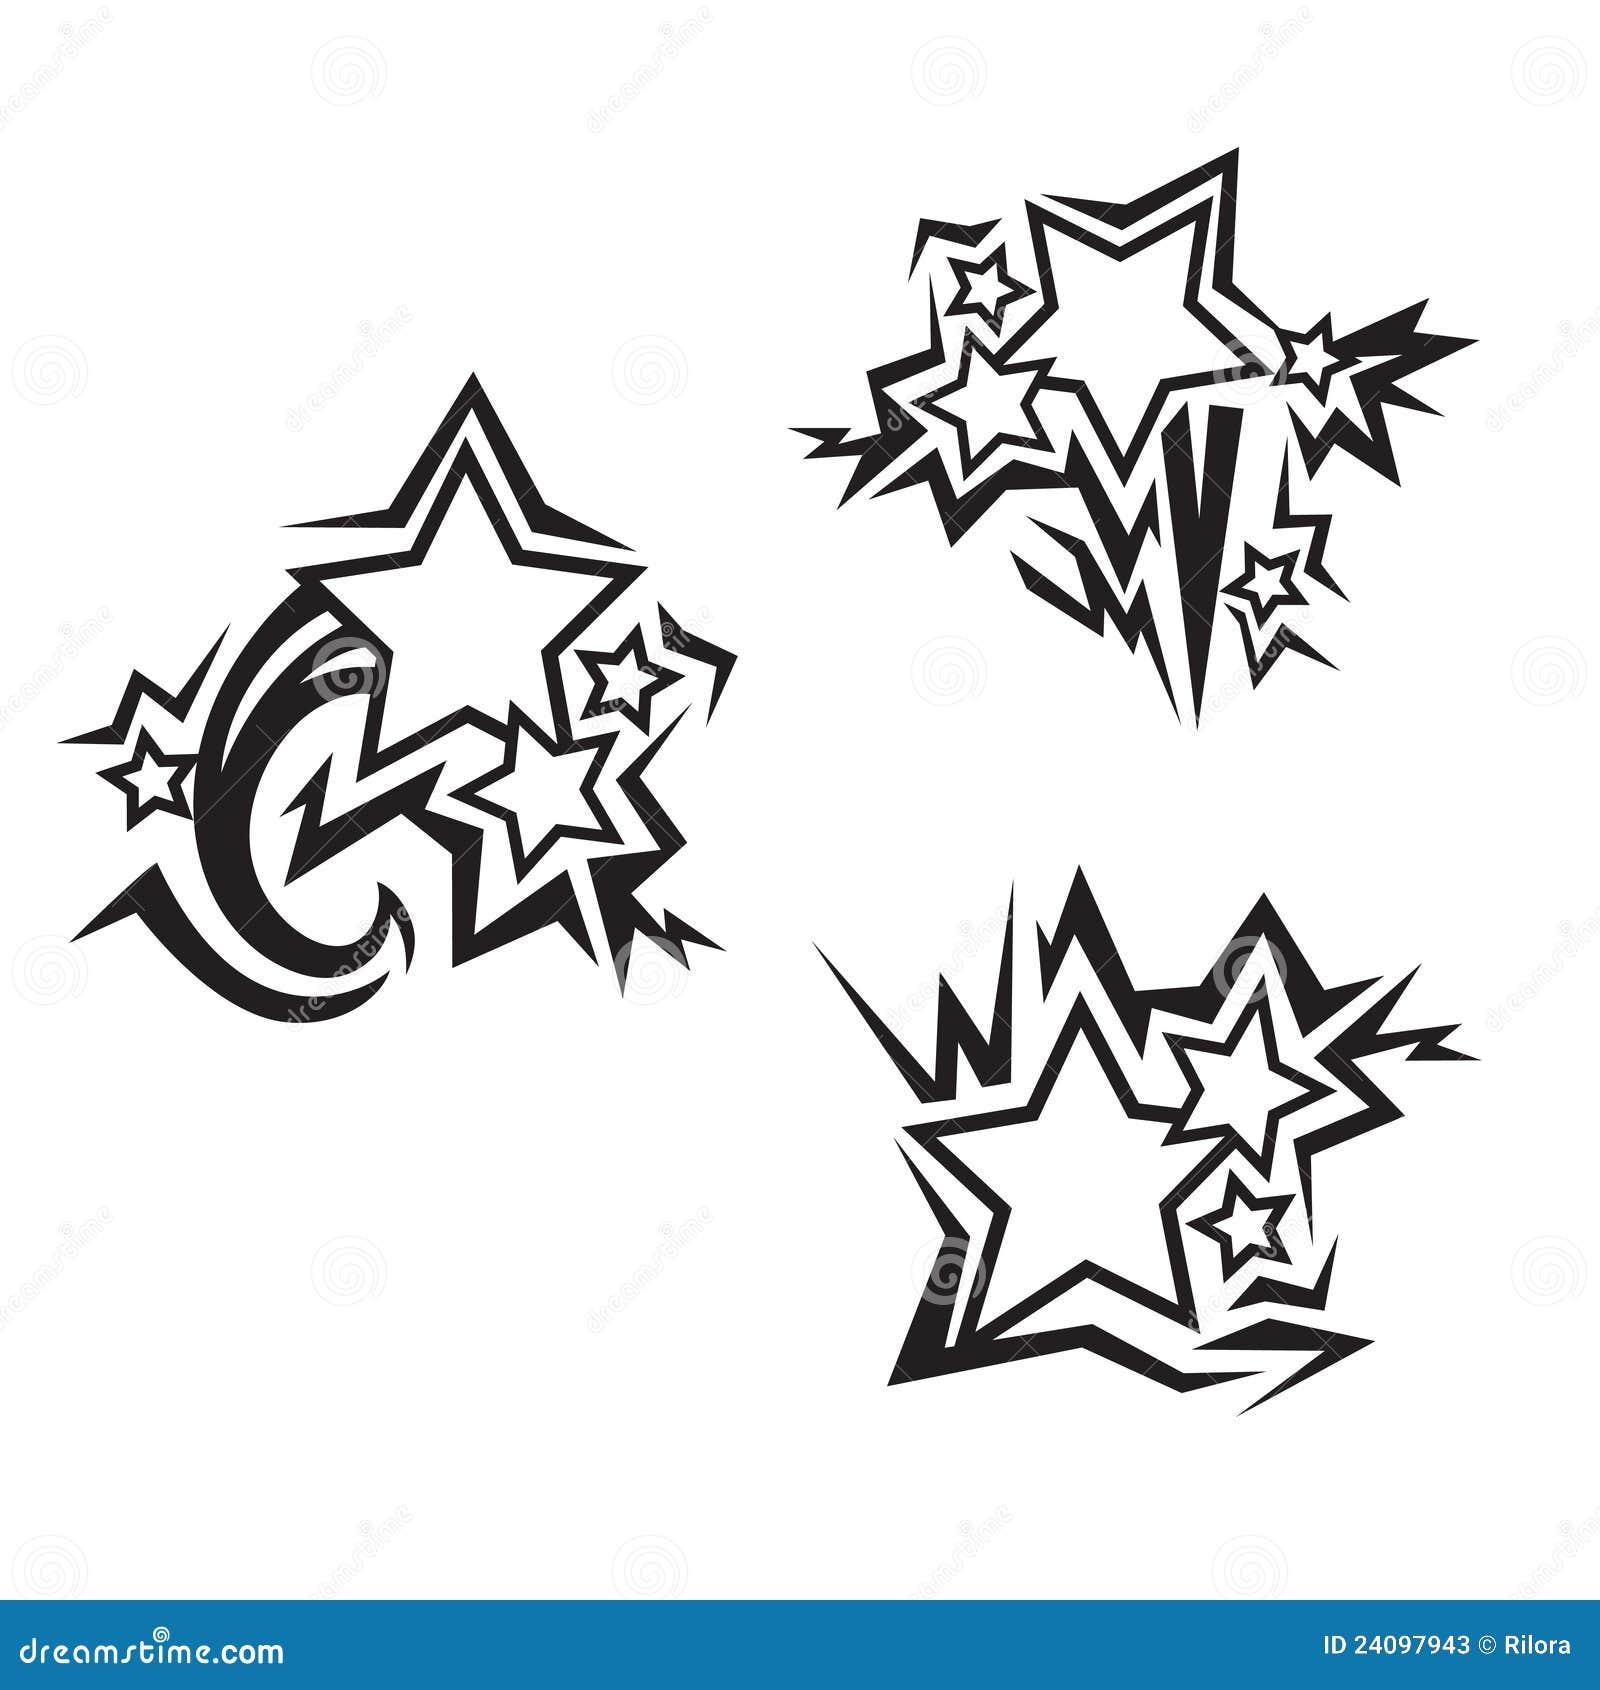 Inspirador Imagenes De Estrellas Fugaces Para Colorear